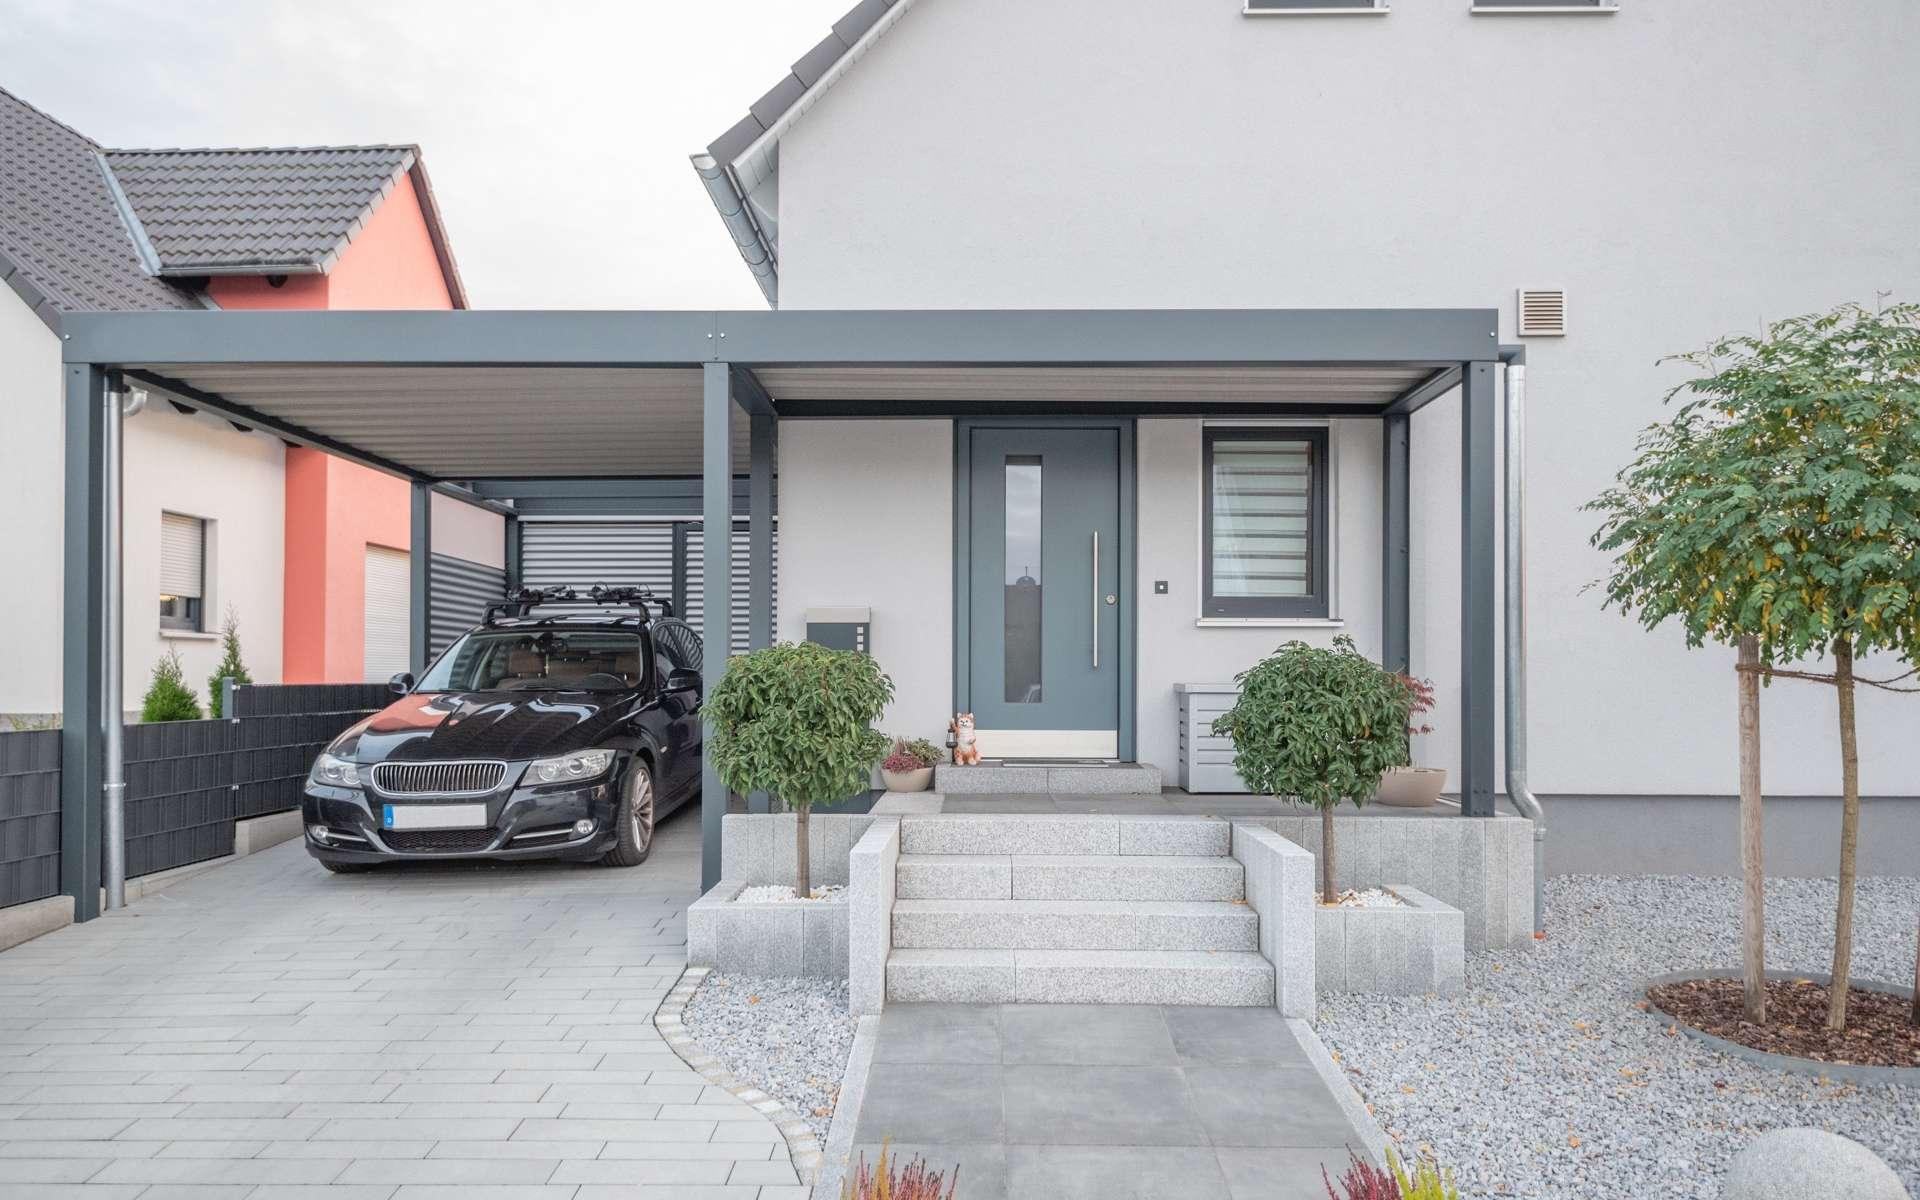 Le carport, la solution avantageuse pour abriter son véhicule. © schulzfoto, Adobe Stock